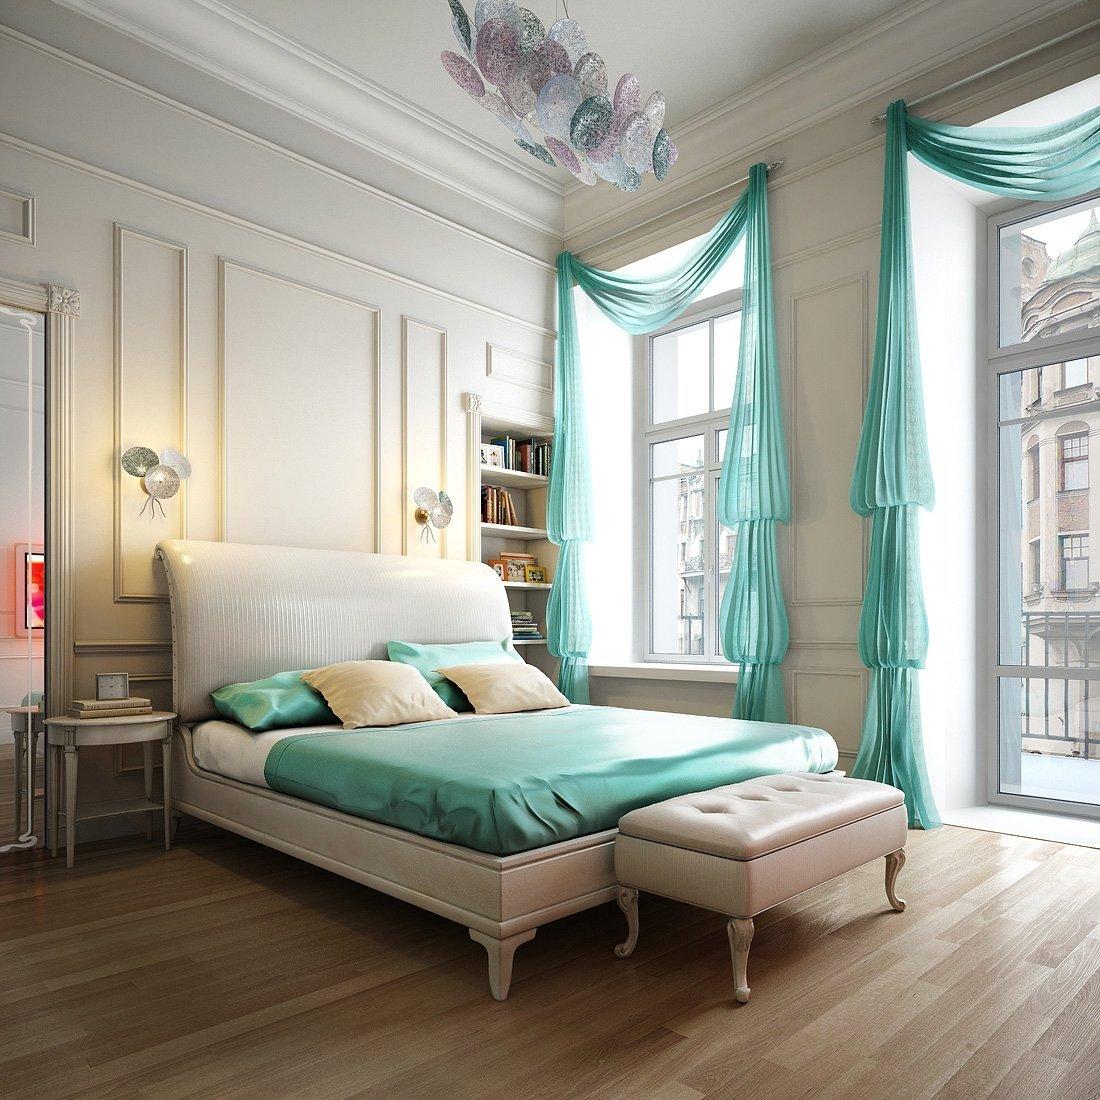 Картинки с спальнями